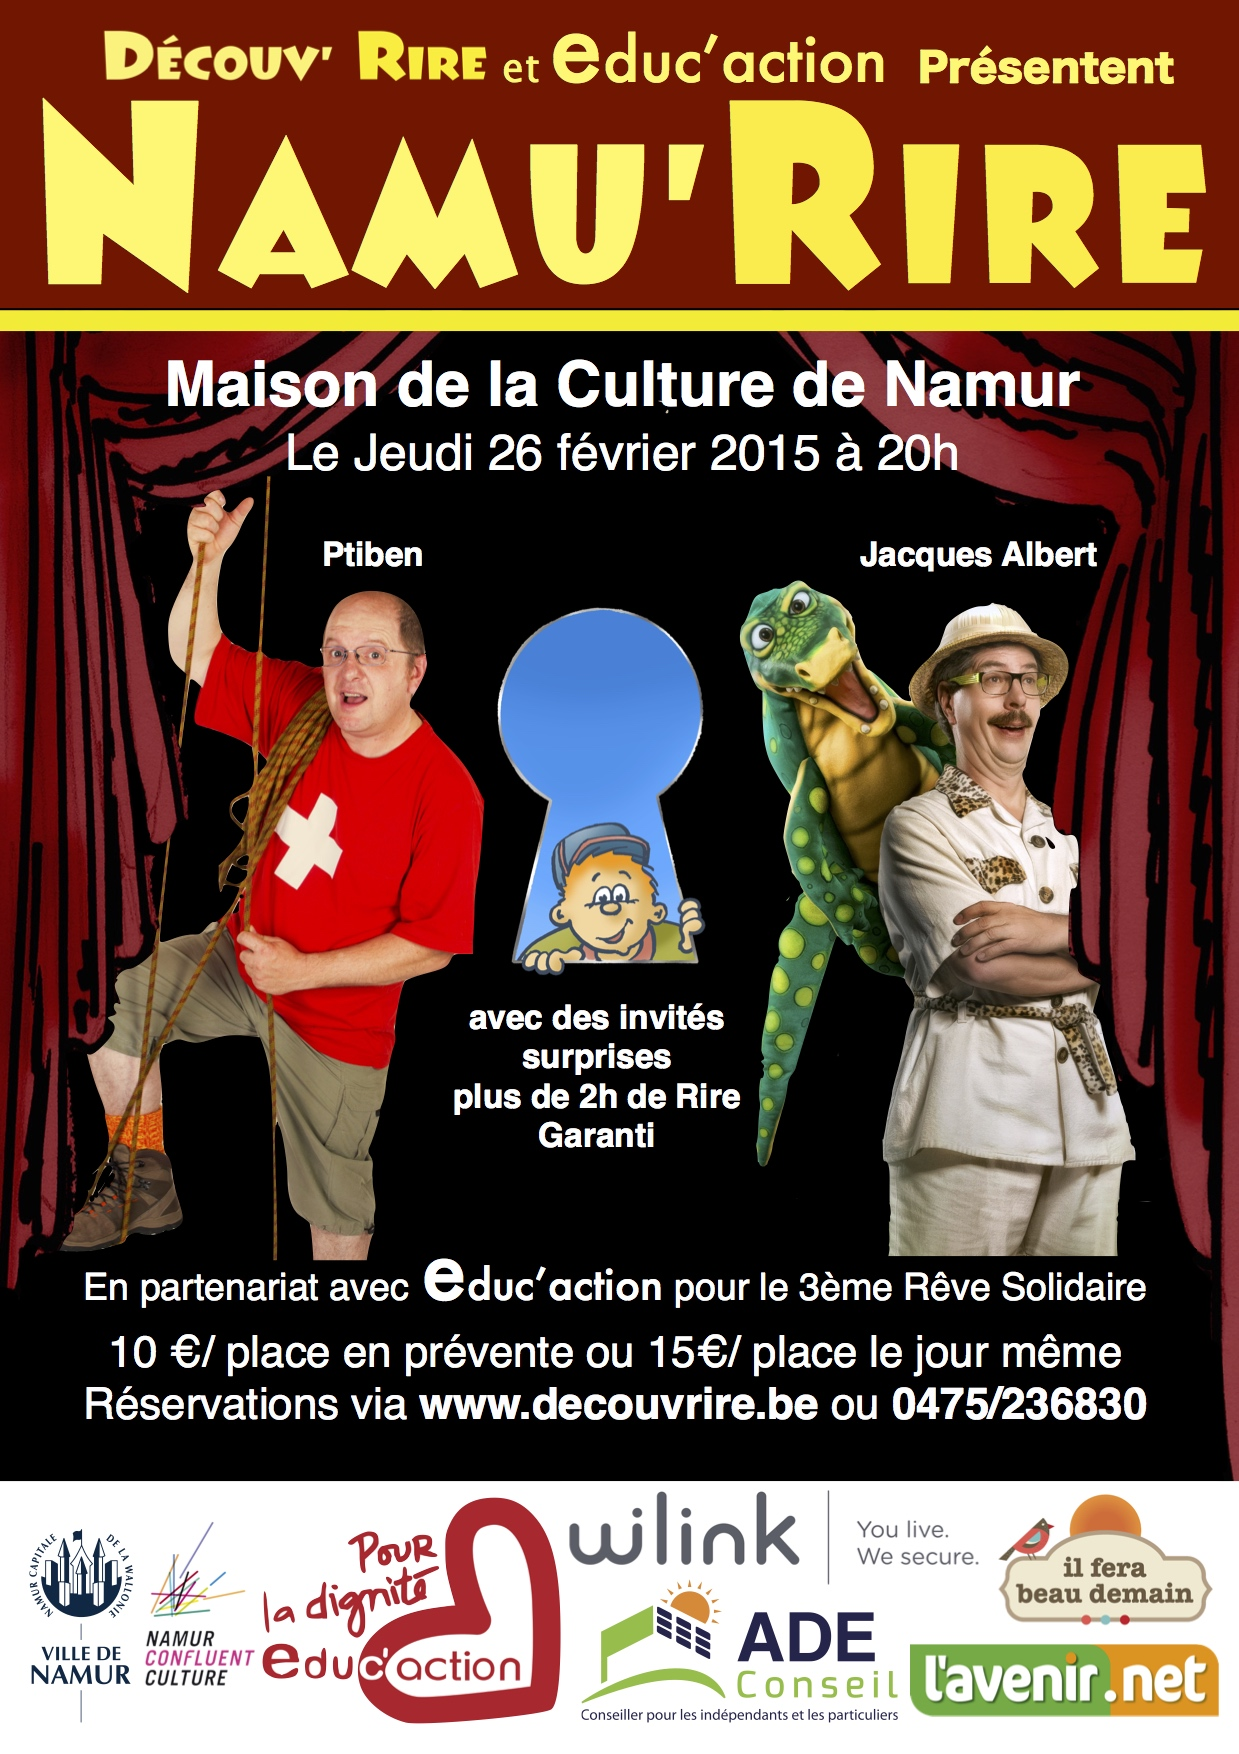 NamuRire 2015 affiche